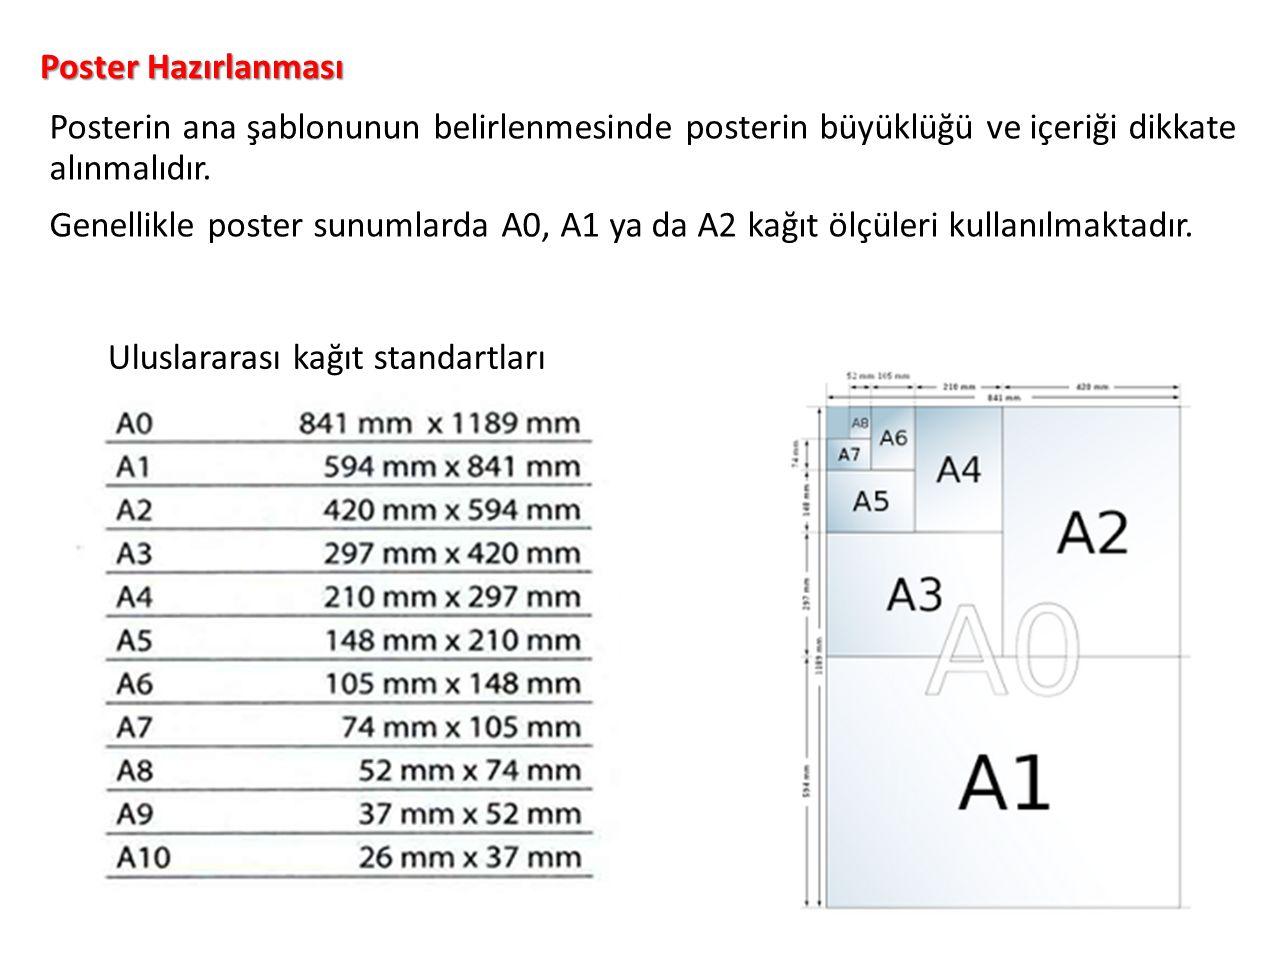 Posterin ana şablonunun belirlenmesinde posterin büyüklüğü ve içeriği dikkate alınmalıdır.